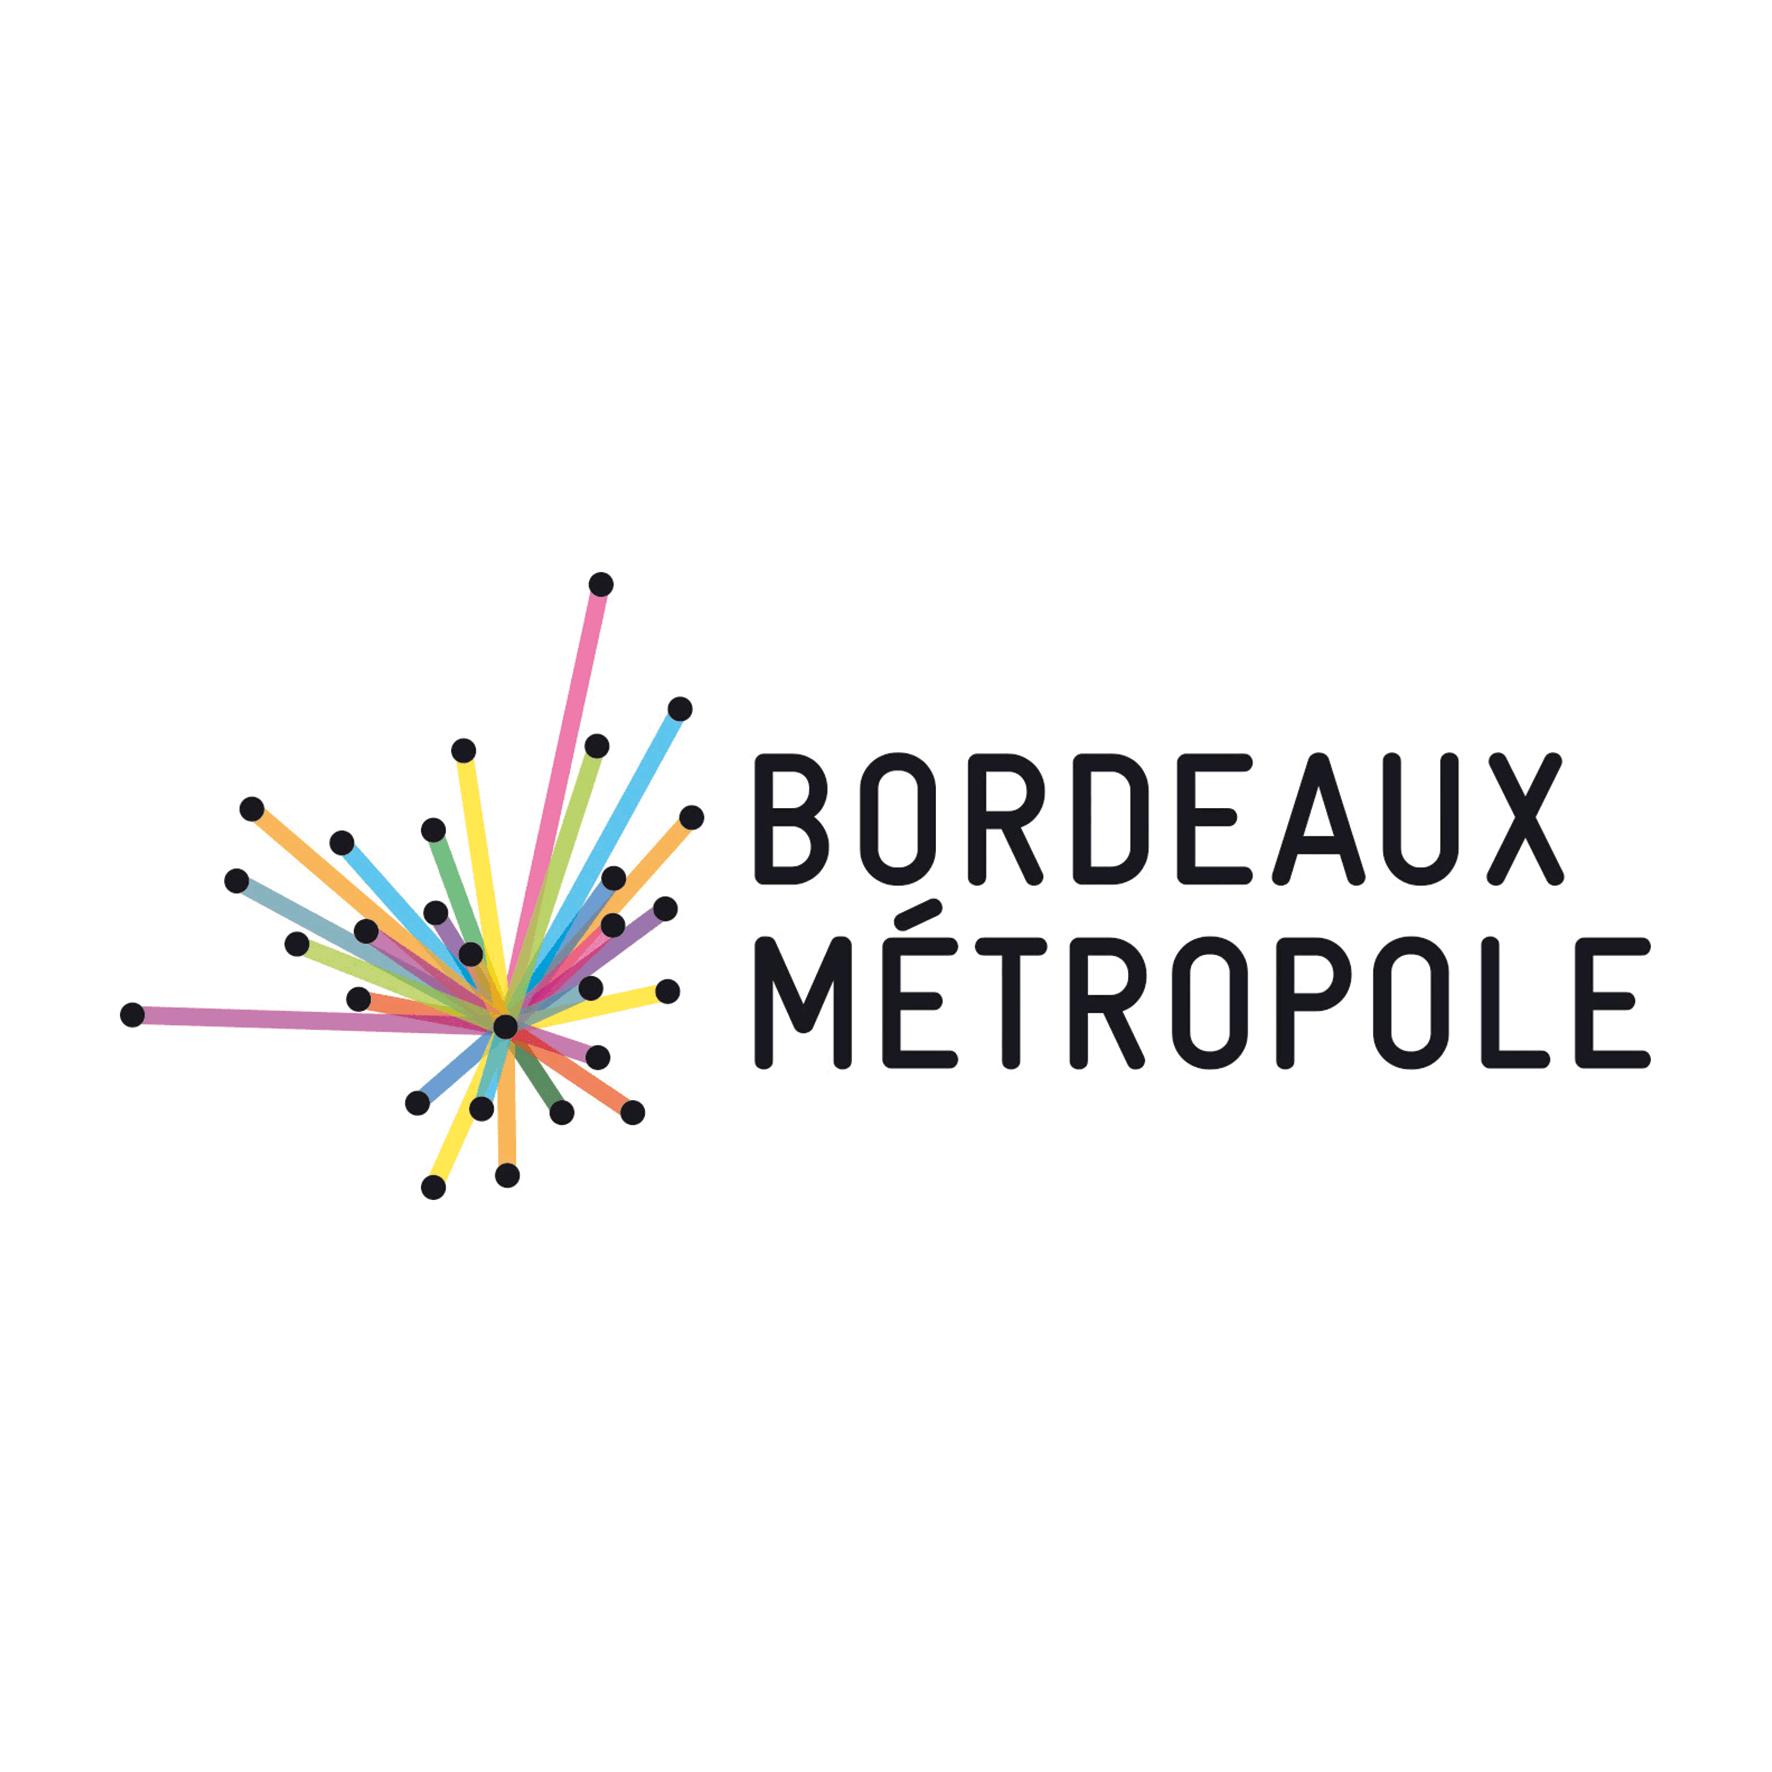 Bordeaux Métropole 1772x1772 CMJN